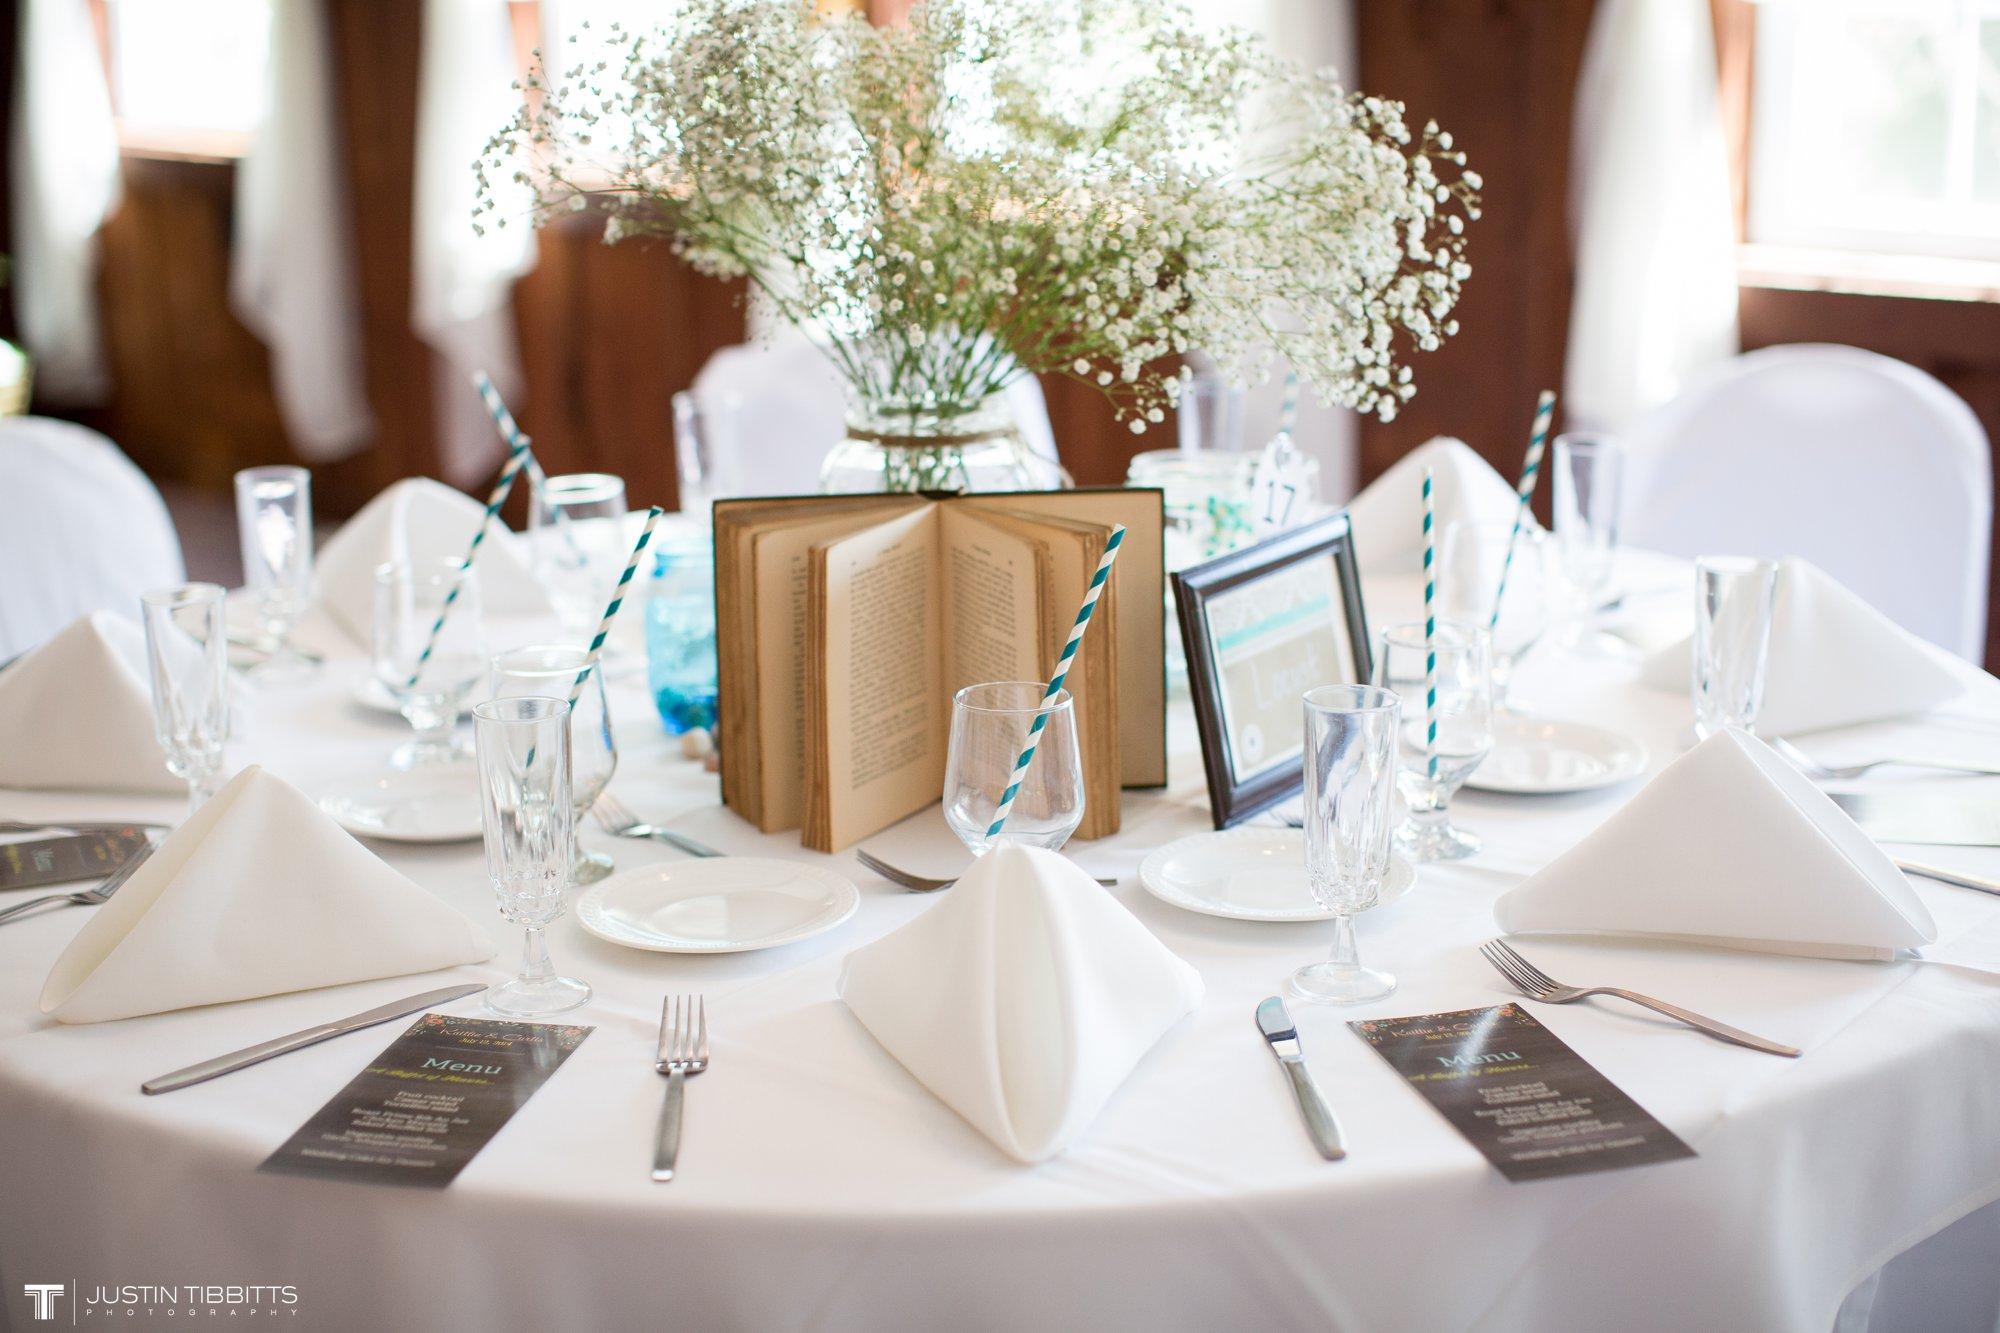 Albany NY Wedding Photographer Justin Tibbitts Photography 2014 Best of Albany NY Weddings-40611787539217